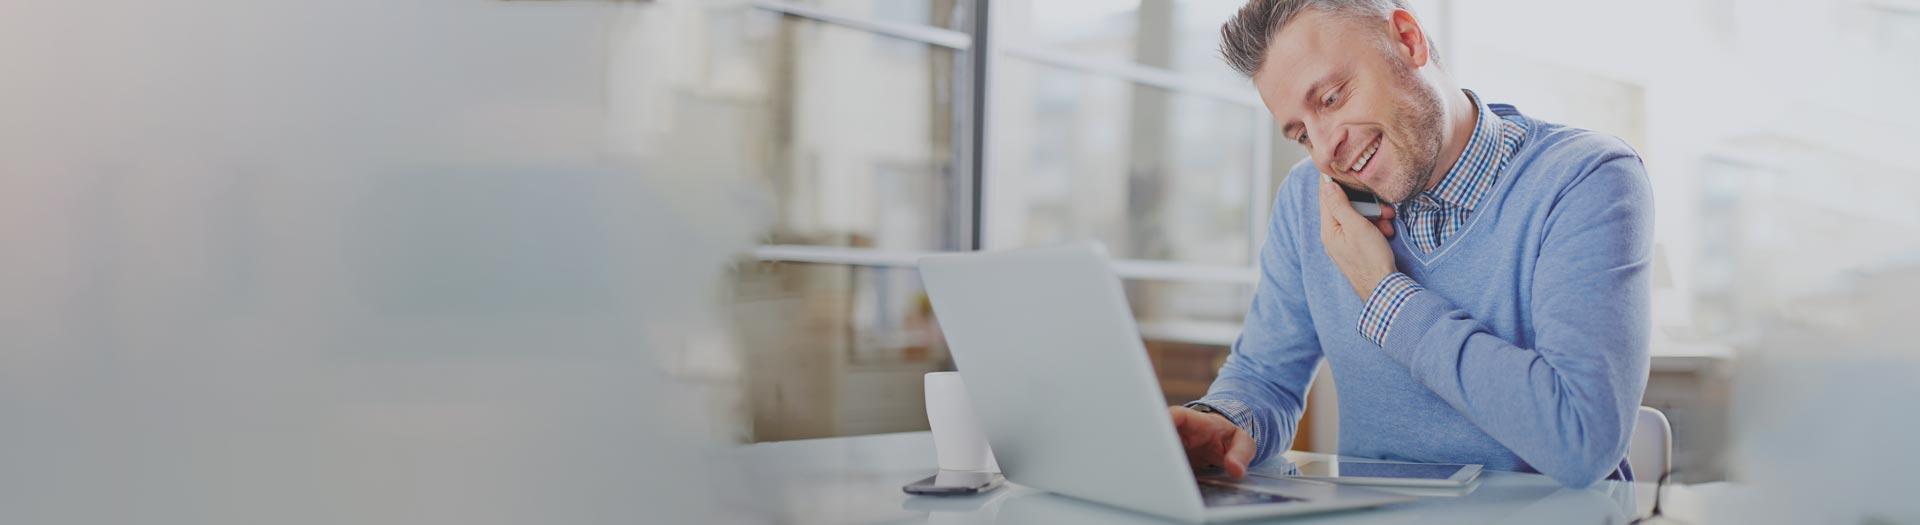 Jak założyć i prowadzić<br/>własną firmę